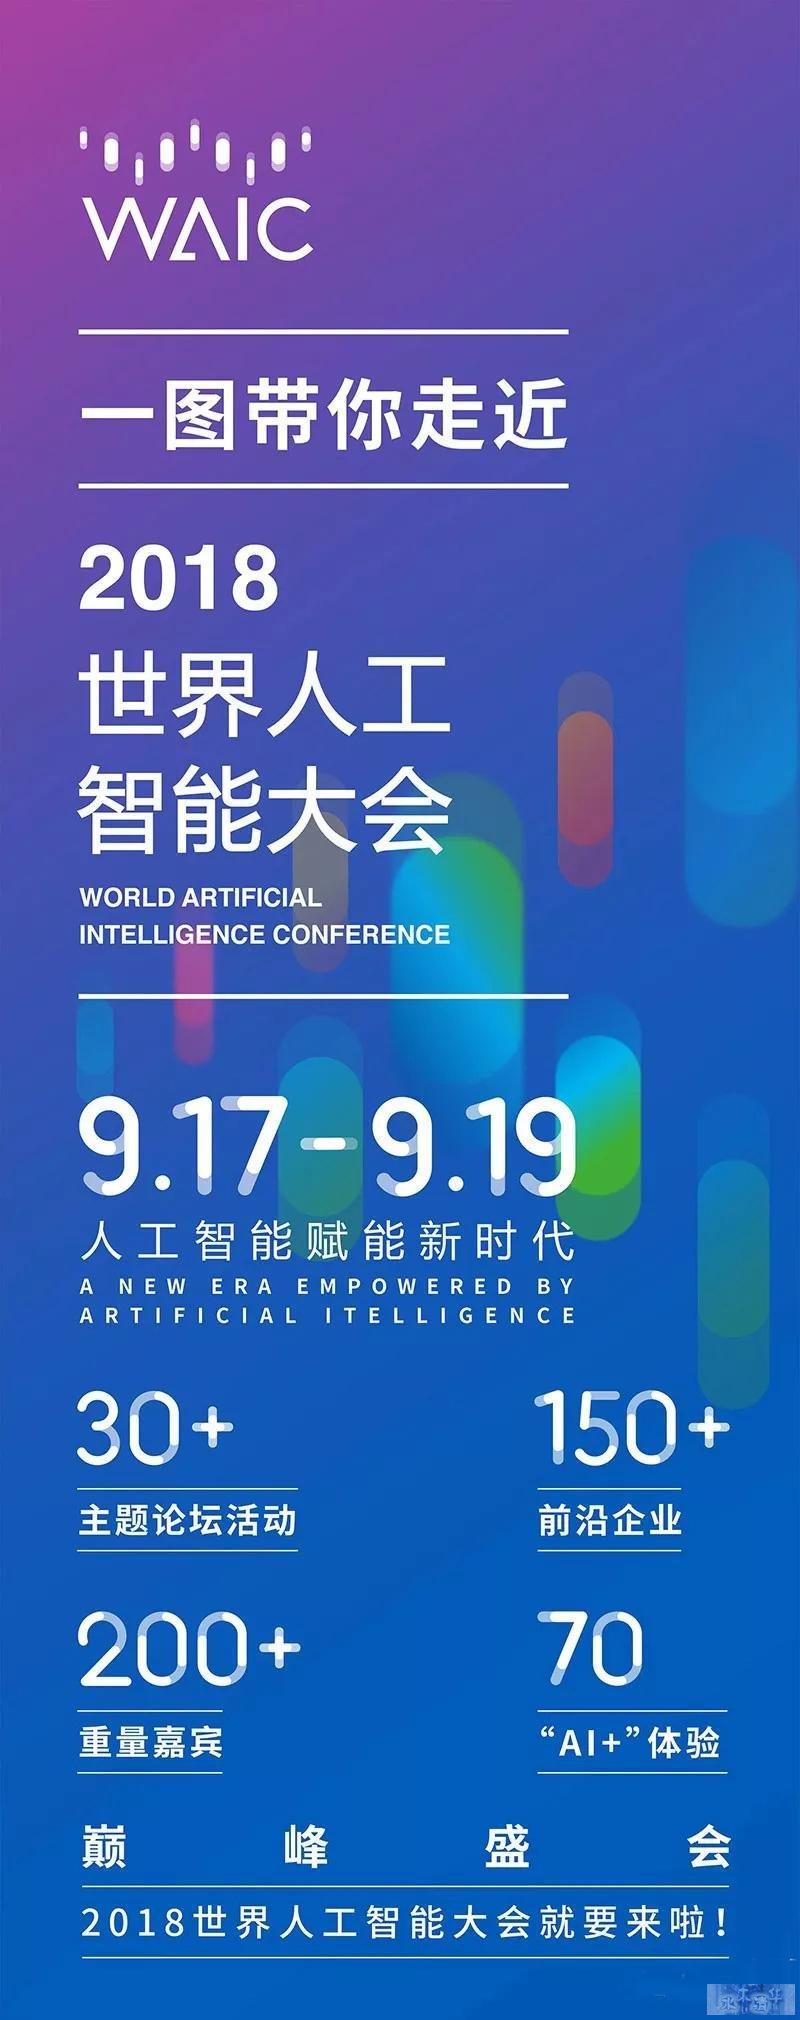 一图带你走近2018世界人工智能大会